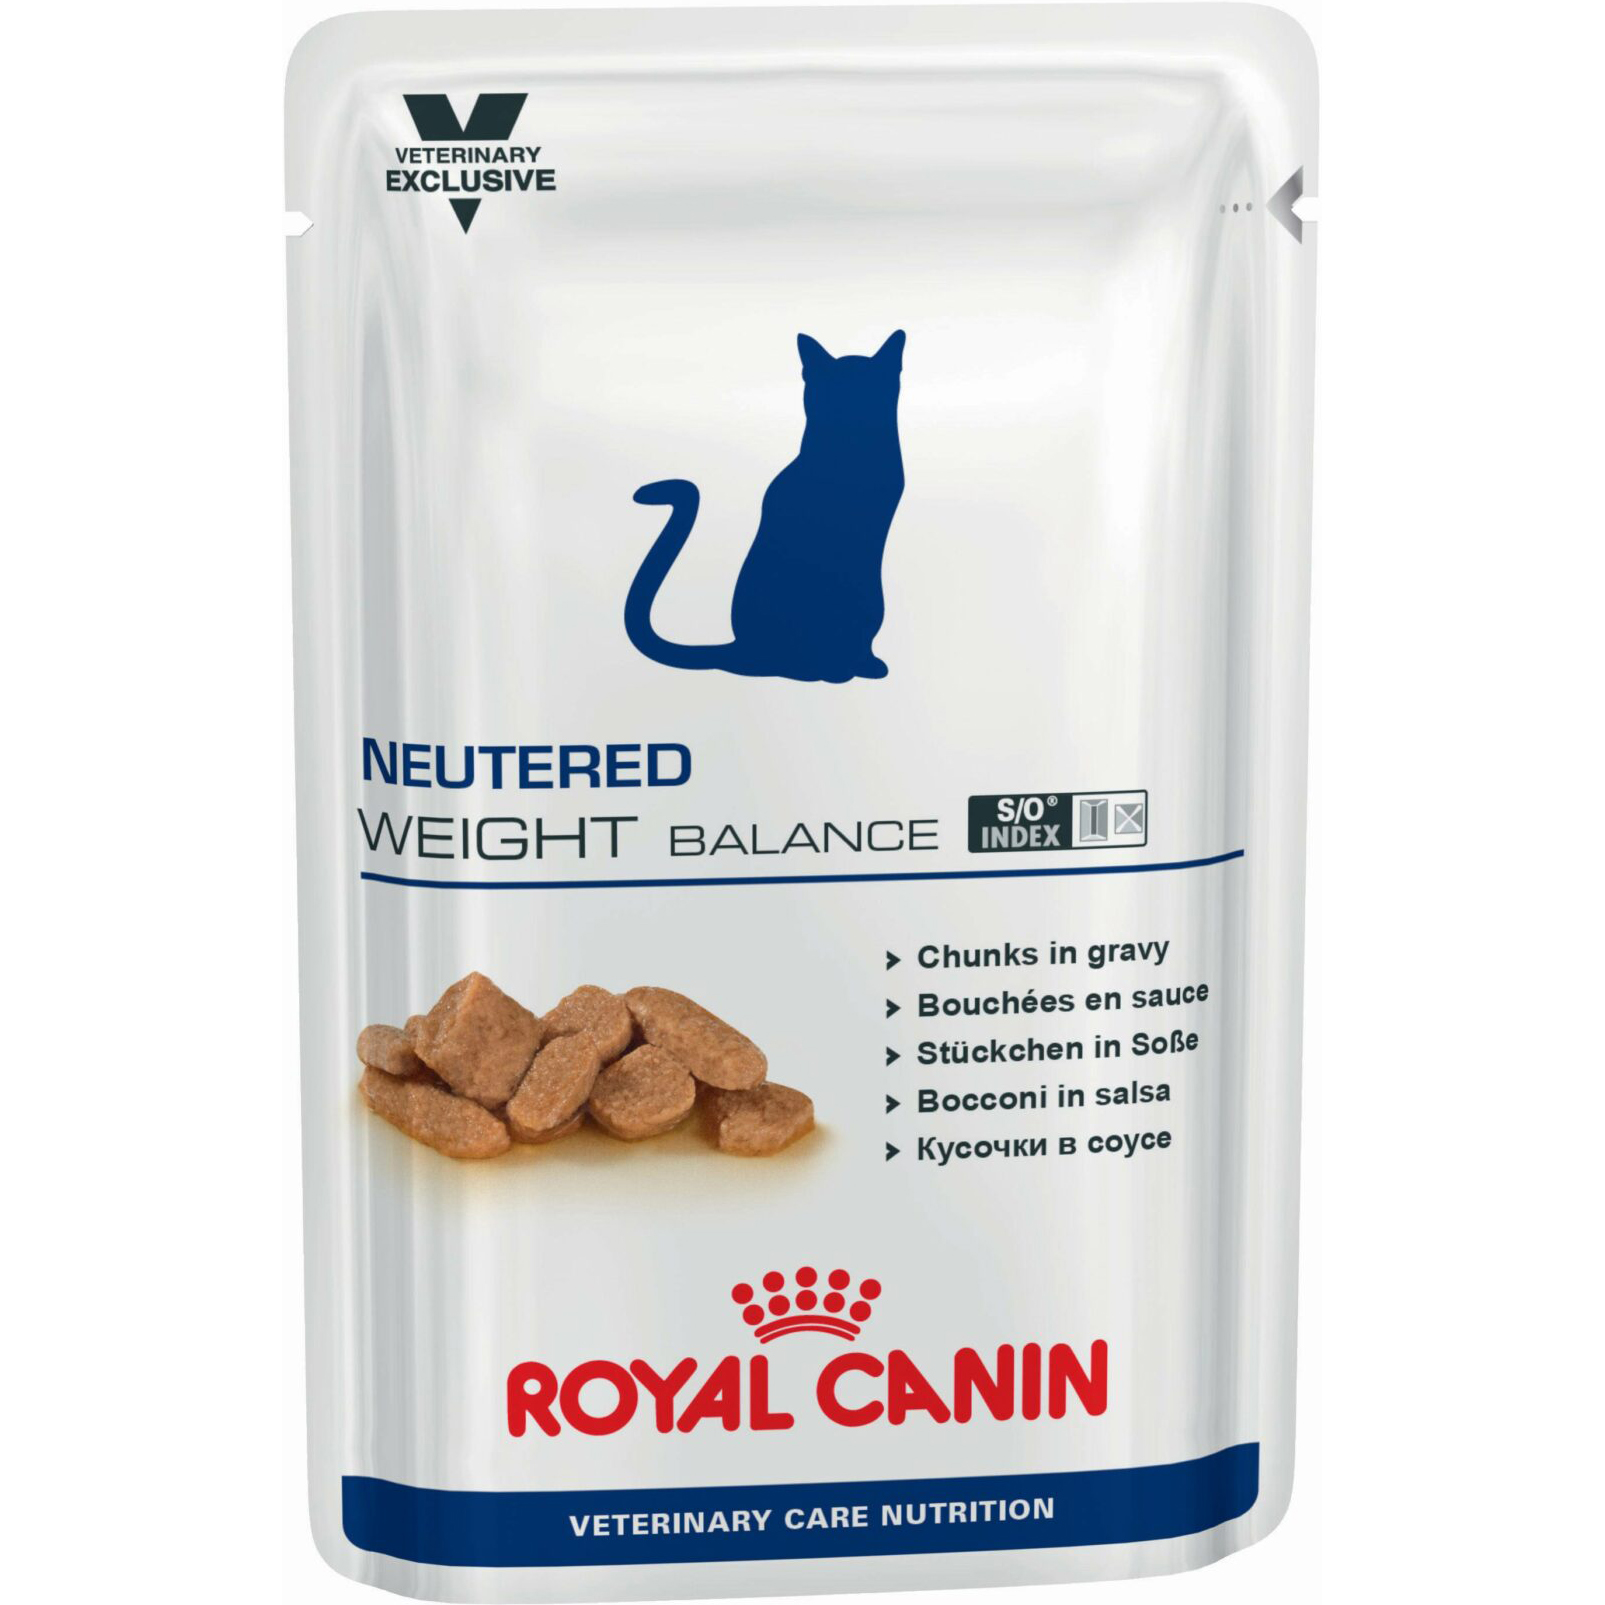 Фото - Корм для кошек Royal Canin Neutered Weight Balance для стерилизованных и кастрированных 100 г корм для кошек royal canin vet neutered young male для кастрированных котов до 7 лет птица сух 400г